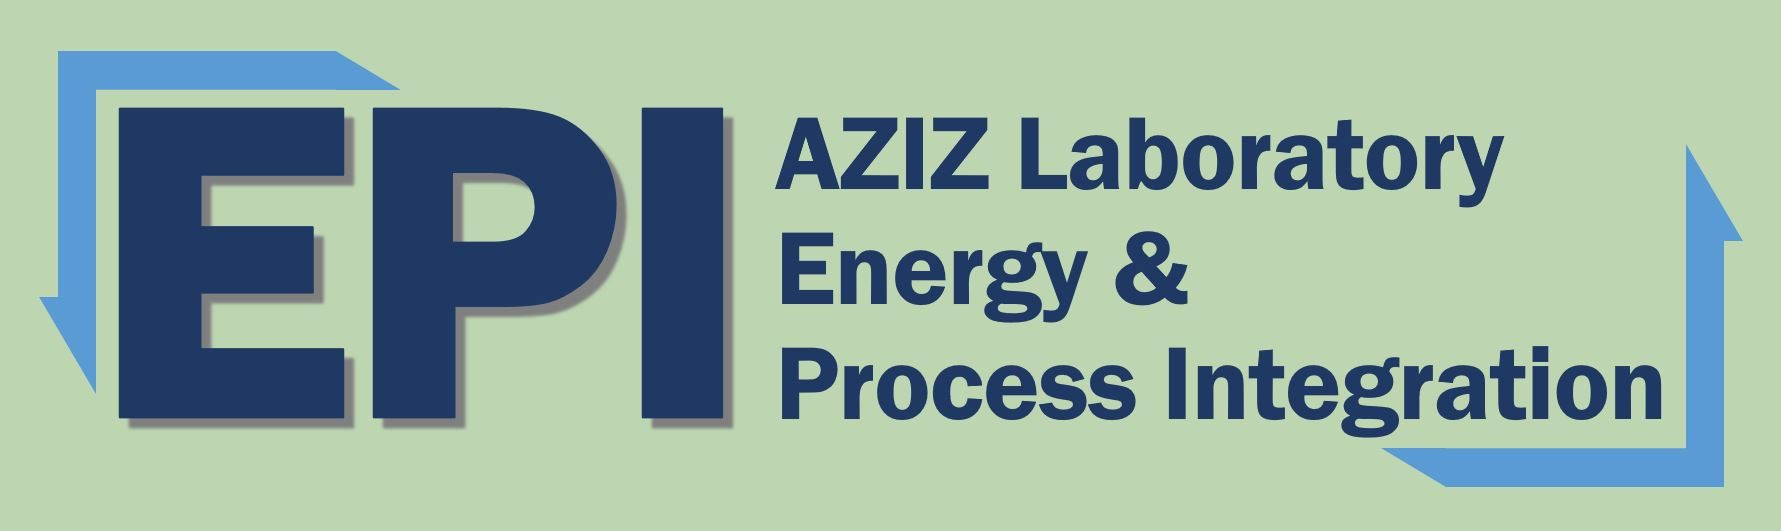 Aziz Laboratory